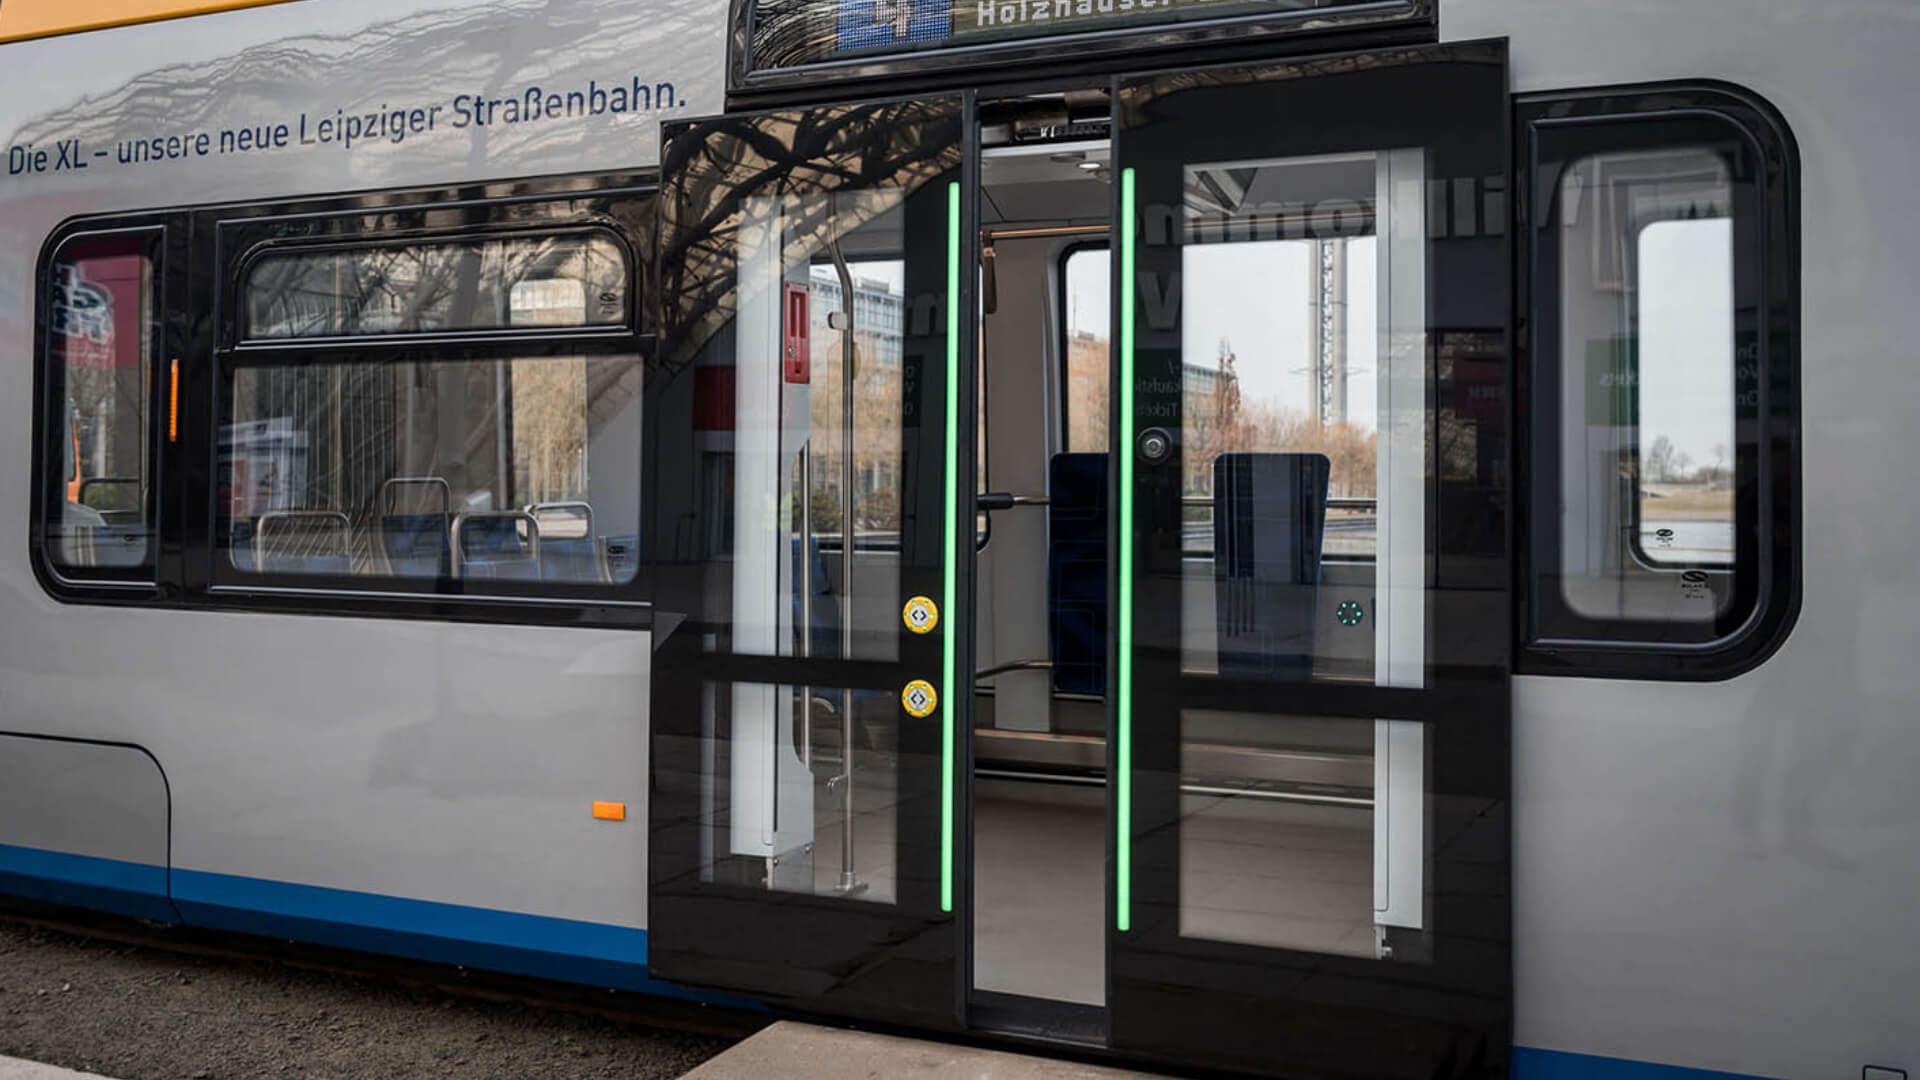 Straßenbahn Leipzig Taster PK52 Leuchtstreifen TSL